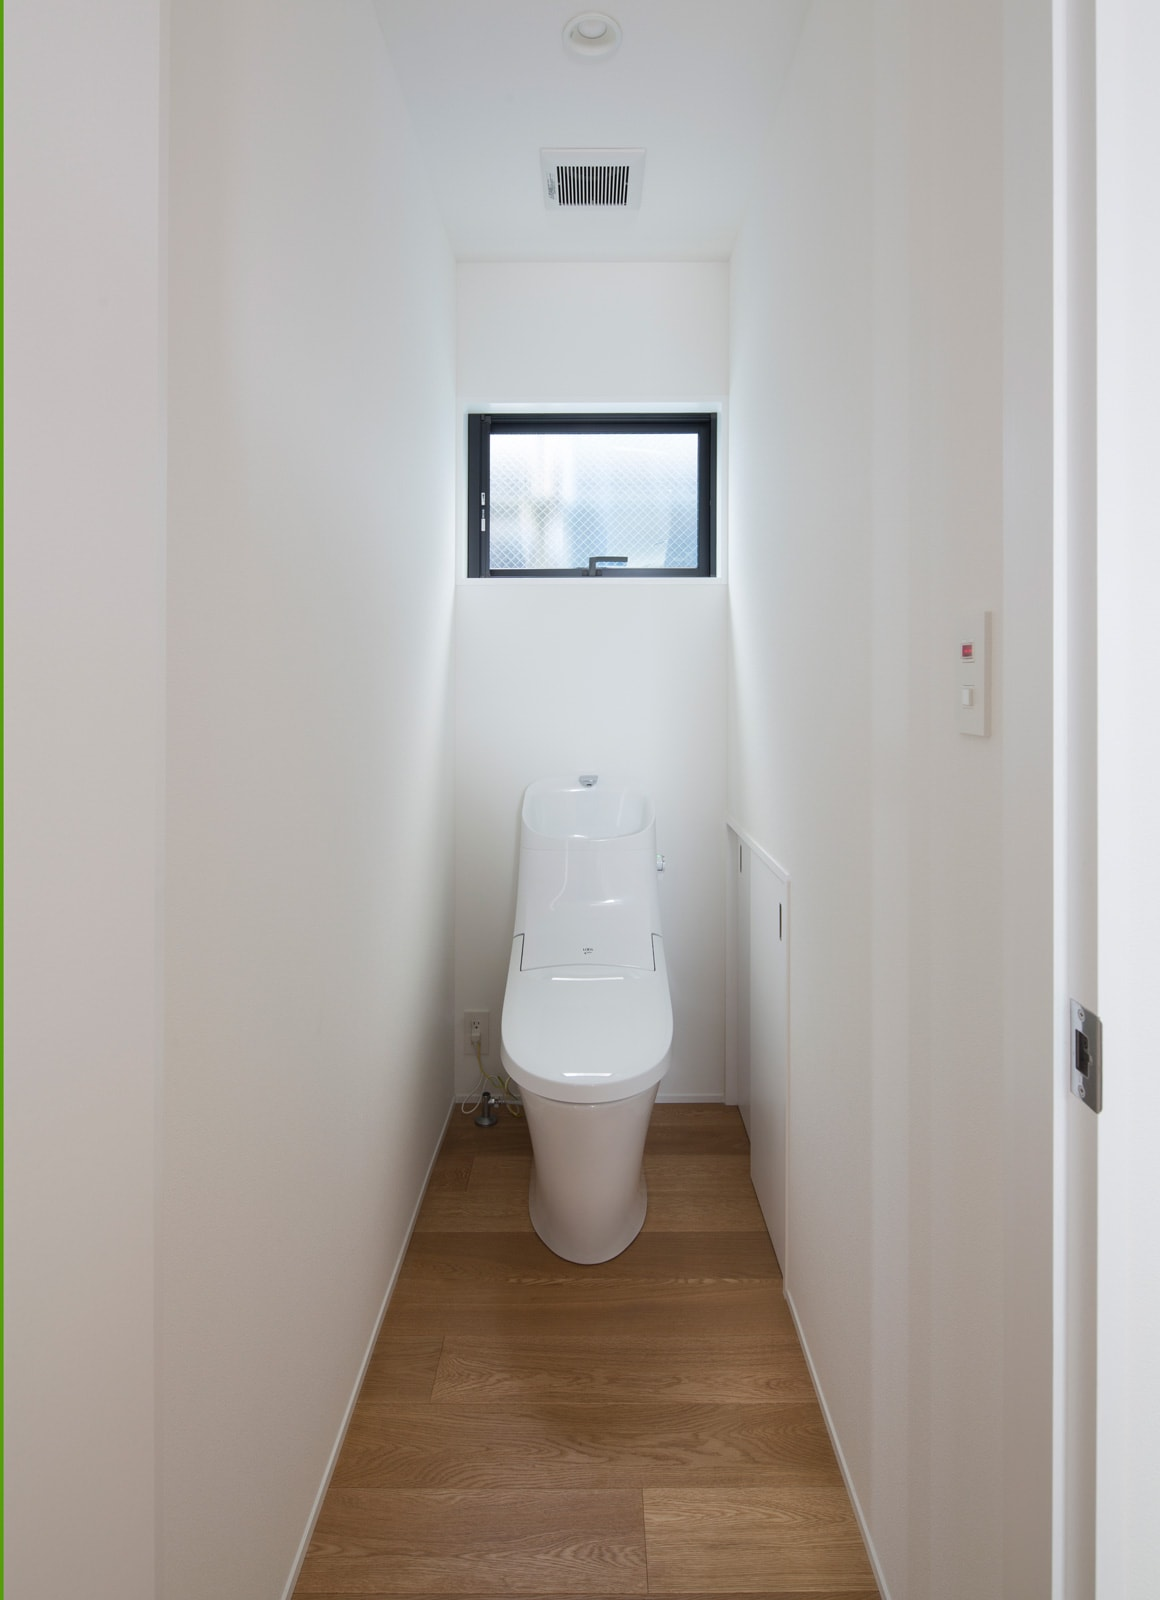 ベーシックインナーテラスハウスのトイレ1